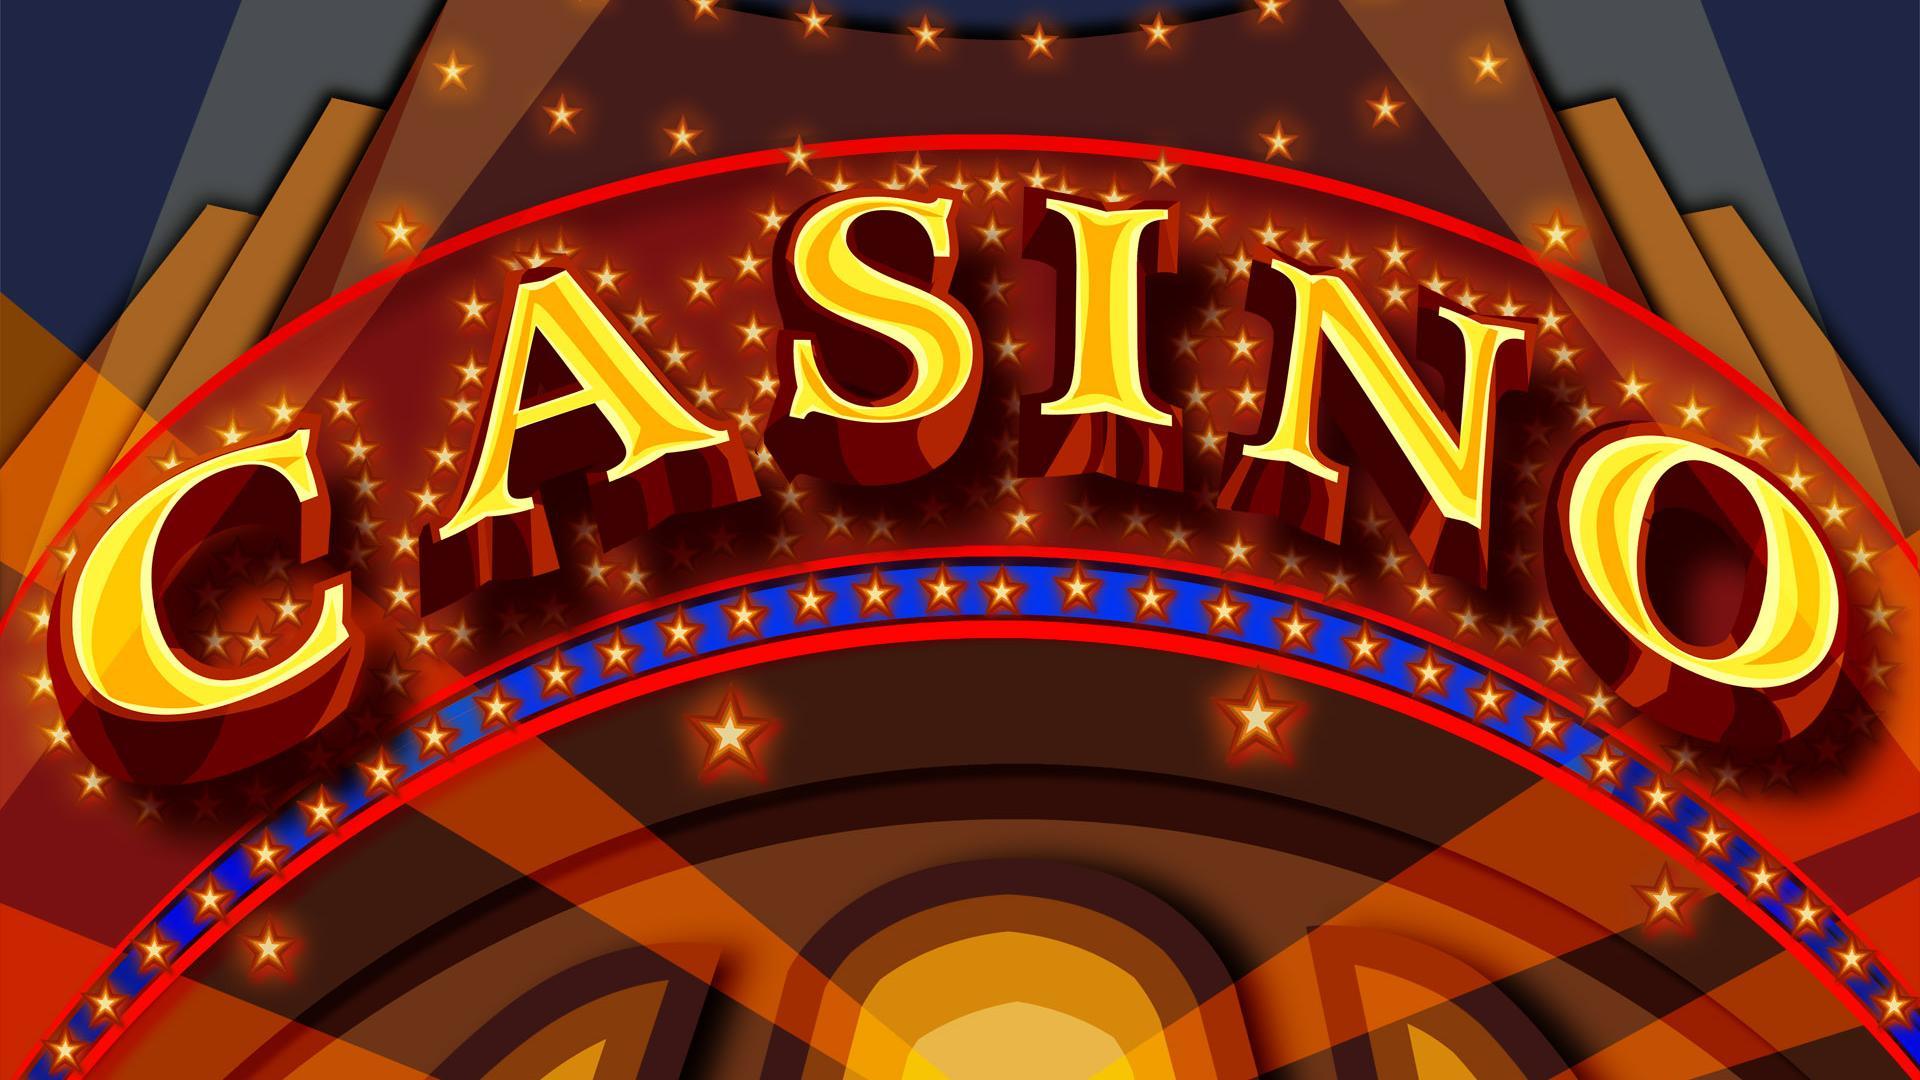 Casino en ligne : Envie de jouer au casino ? Je vous en parle tout de suite et je vous conseille